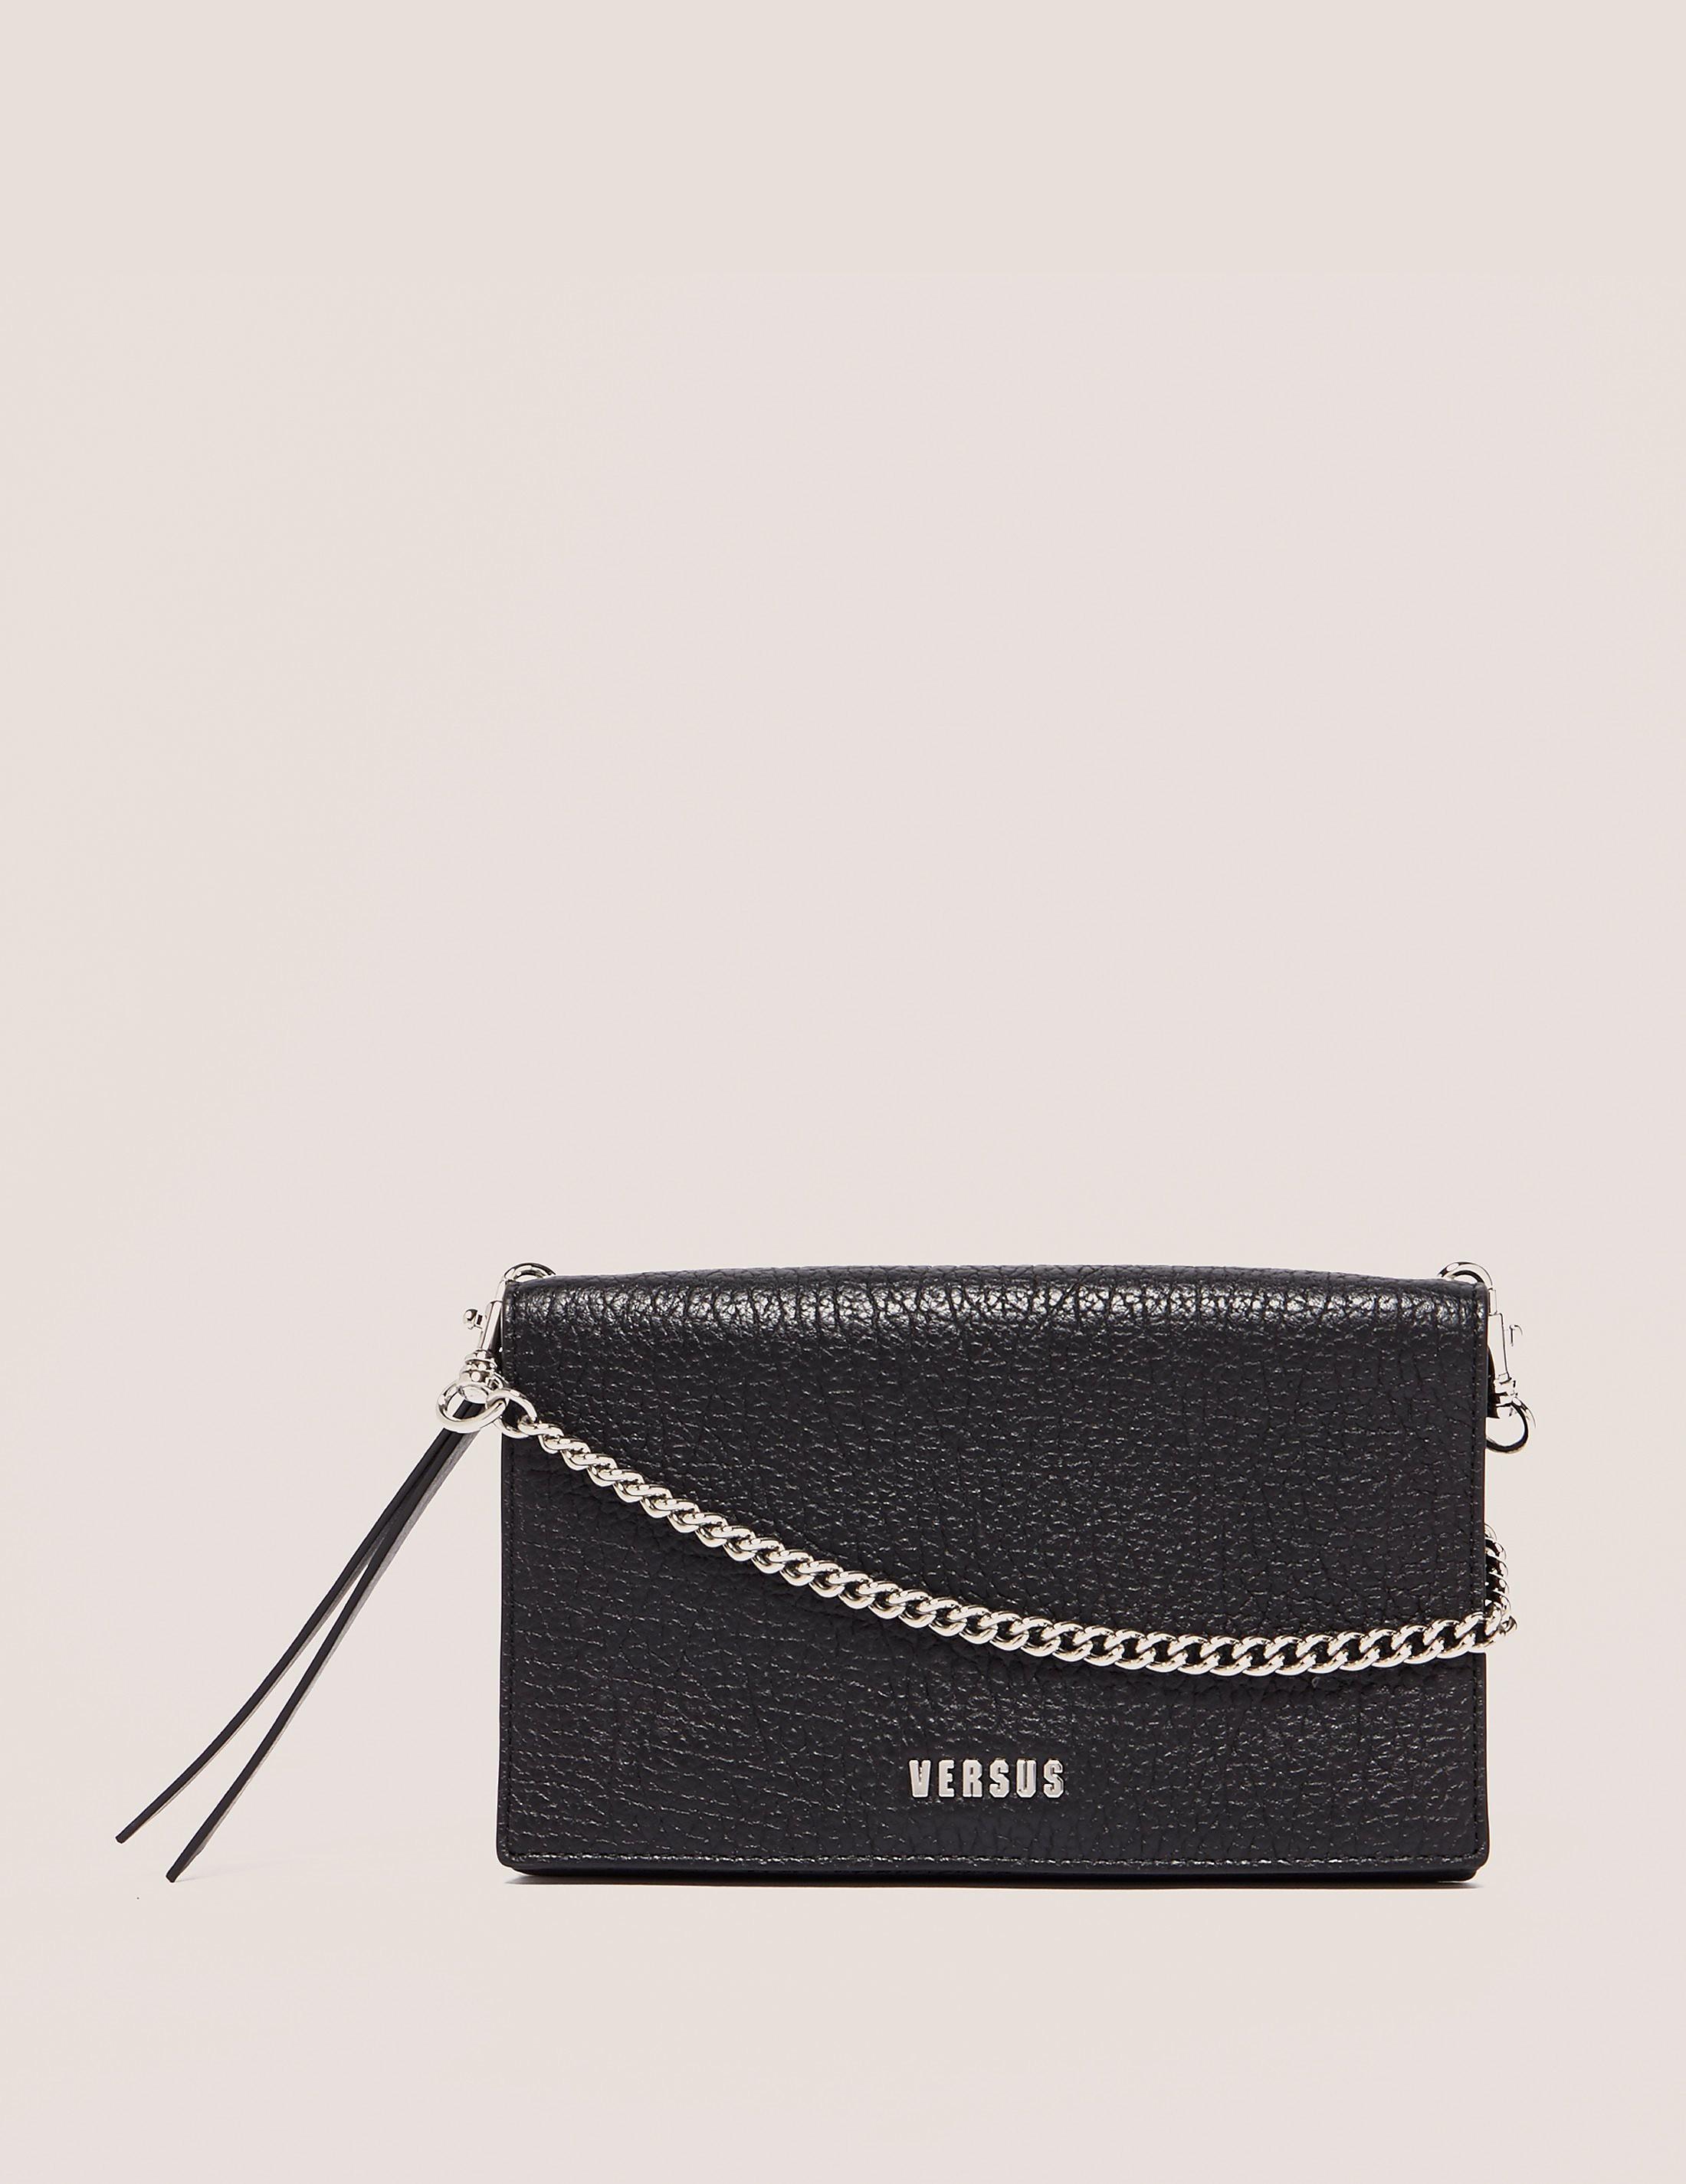 Versus Versace Versus Shoulder Bag